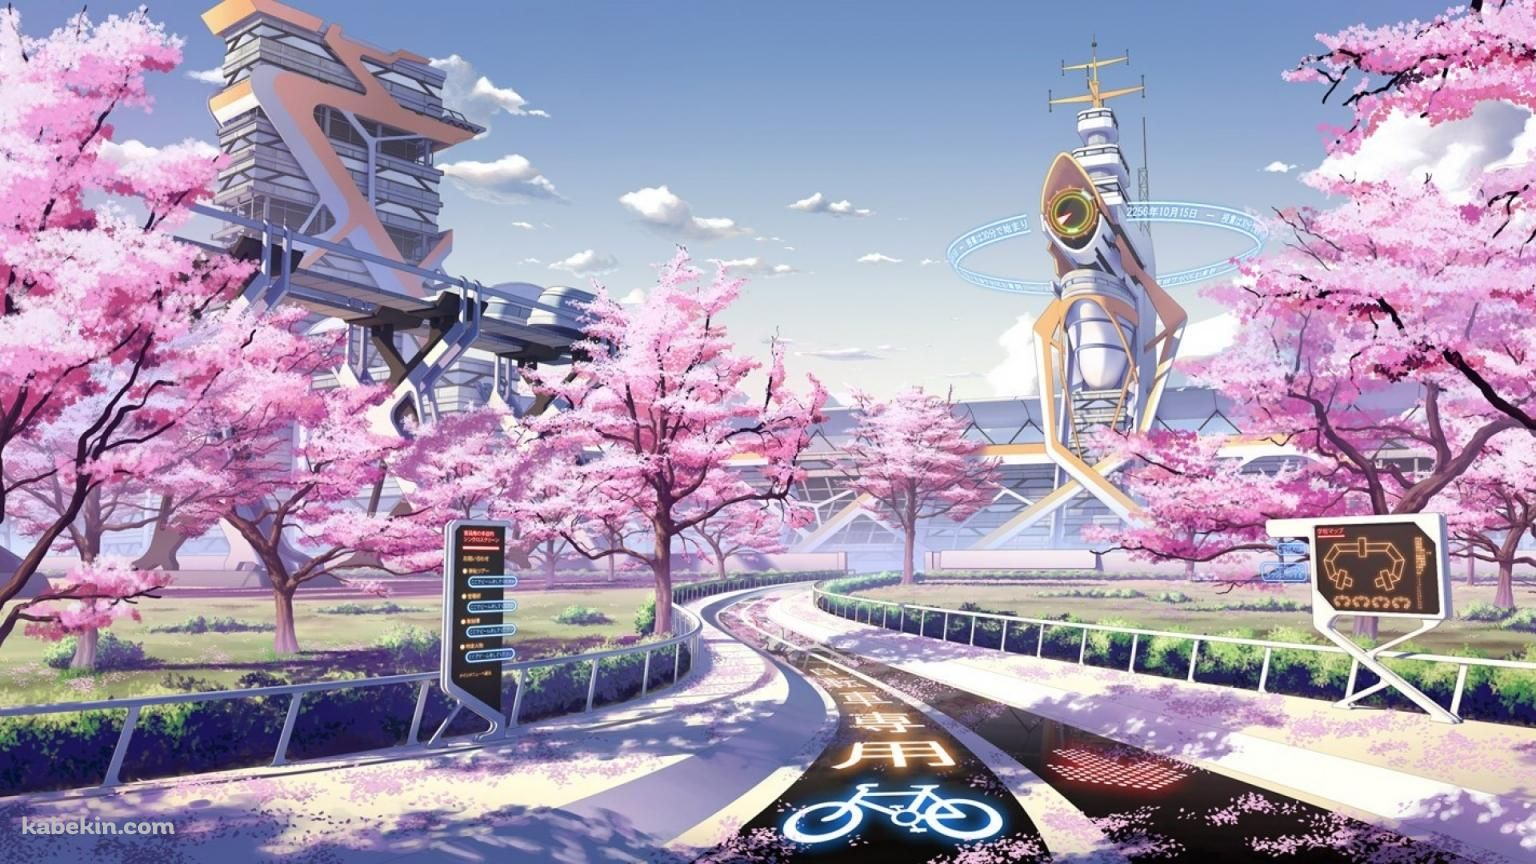 Jxb 1536x864 Mm 100 Jpg 1536 864 壁紙 春 桜の壁紙 桜 絵